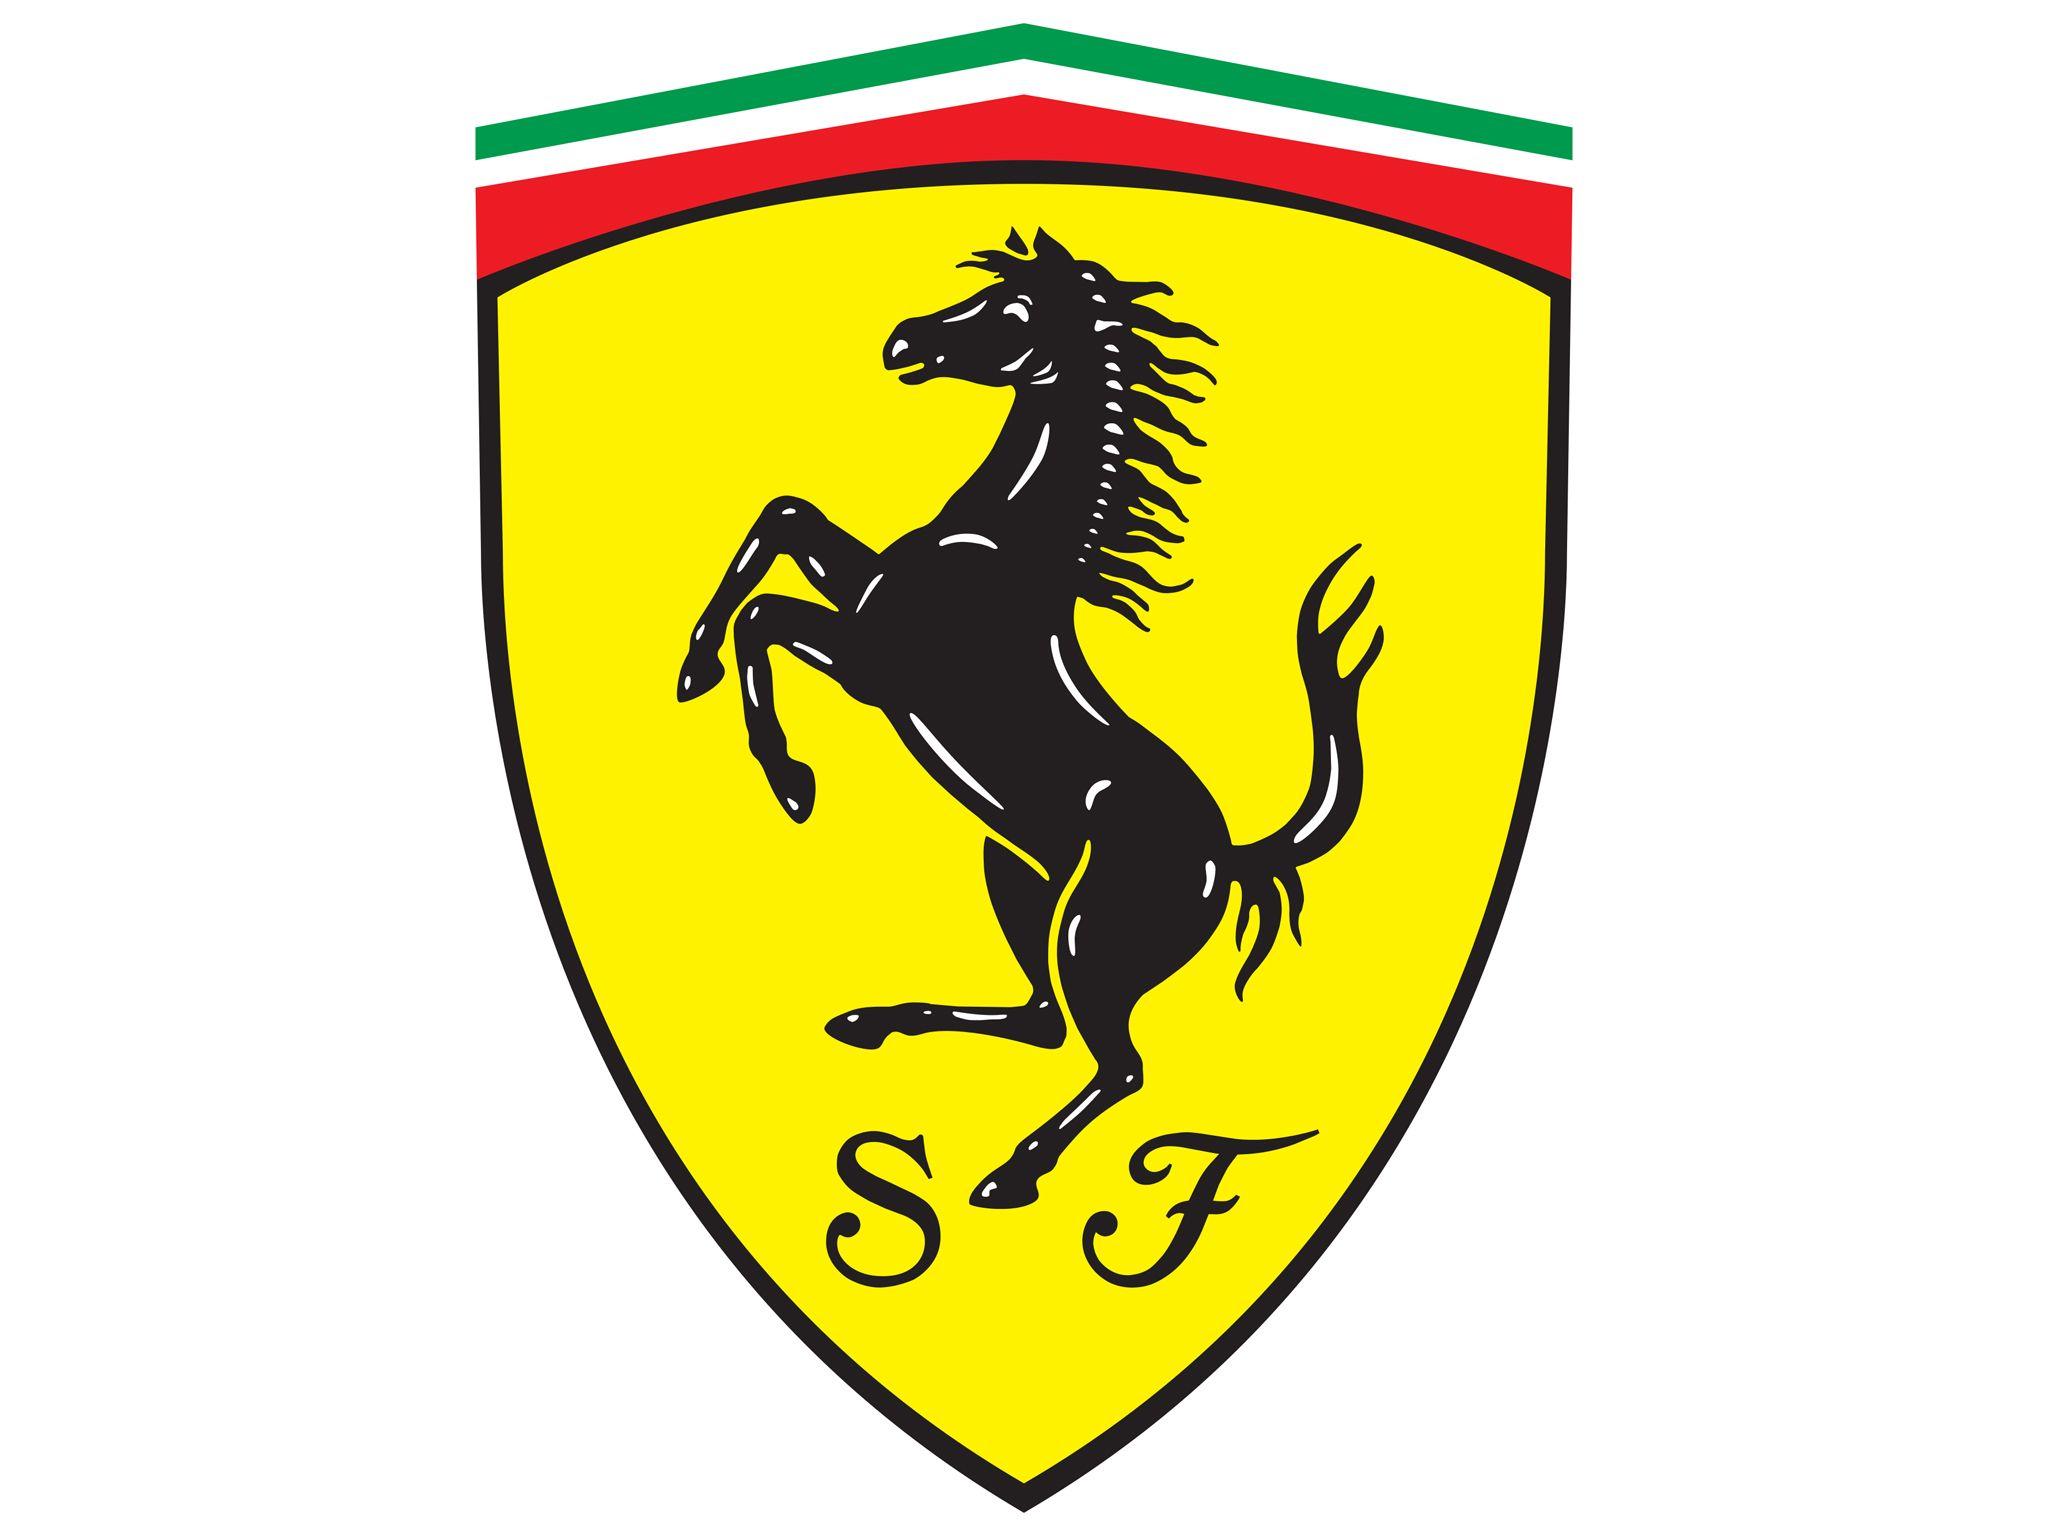 ferrari logo ile ilgili görsel sonucu